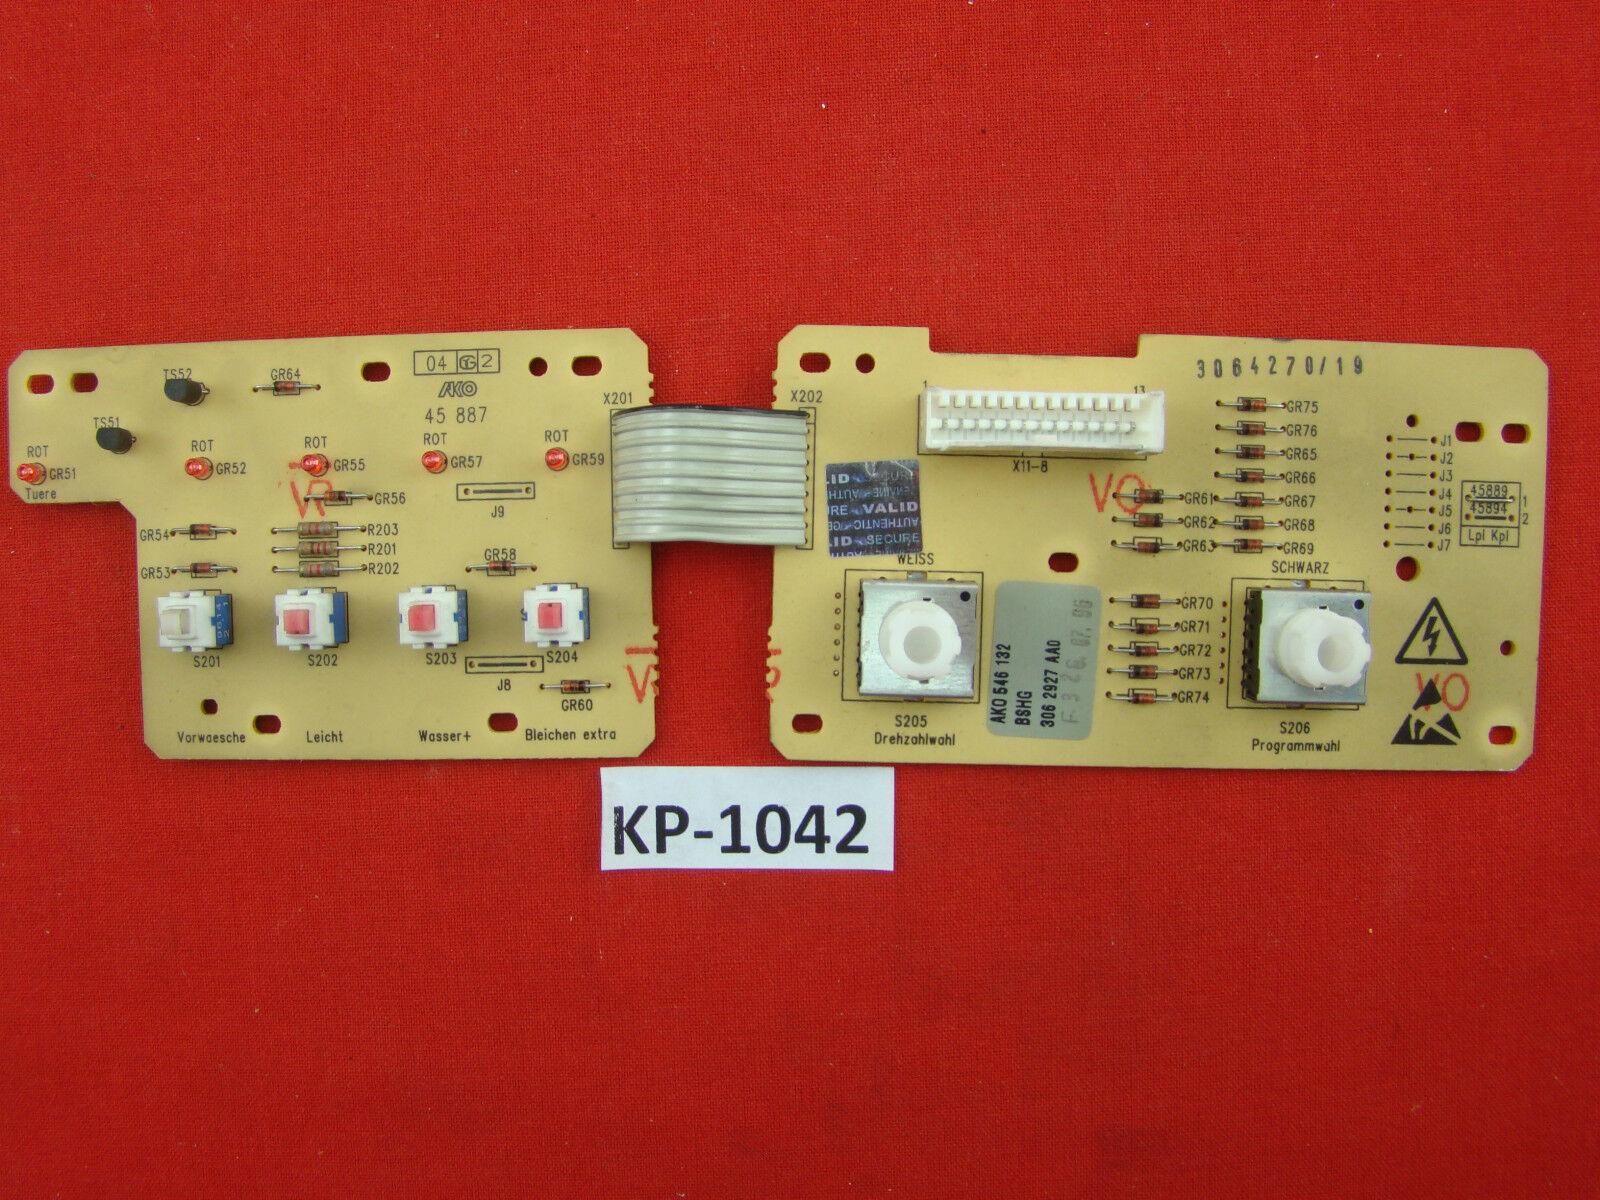 Lavadora siwamat 5100 Siemens, número electrónico  wm51000   01, 306 2927 aa0 y 35repas KP - 1042